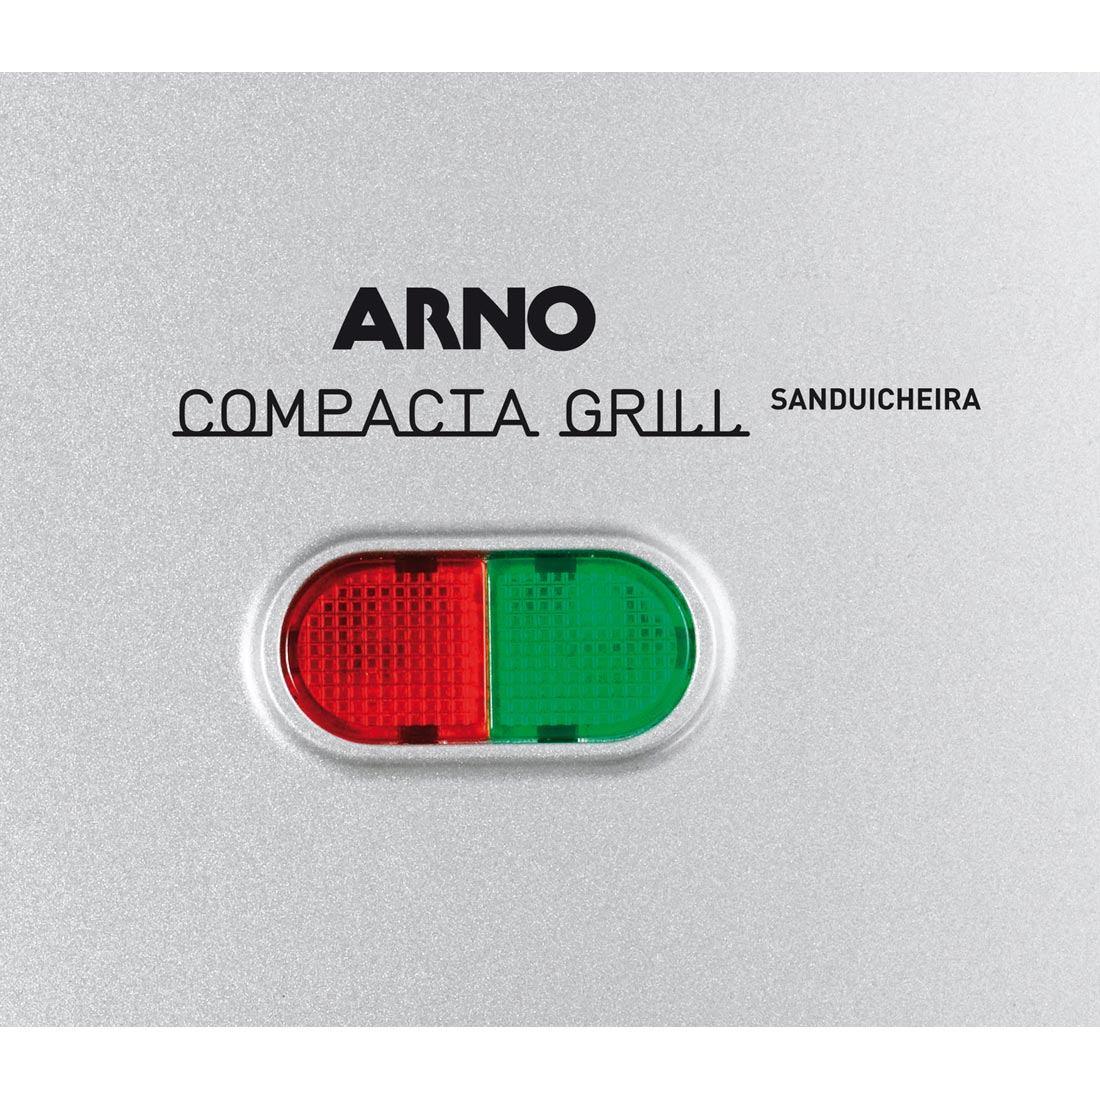 #028D44 Sanduicheira Compacta Grill Inox 110v Arno R$ 99 90 em Mercado  1100x1100 px Armario De Cozinha Compacta Ricardo Eletro_1511 Imagens